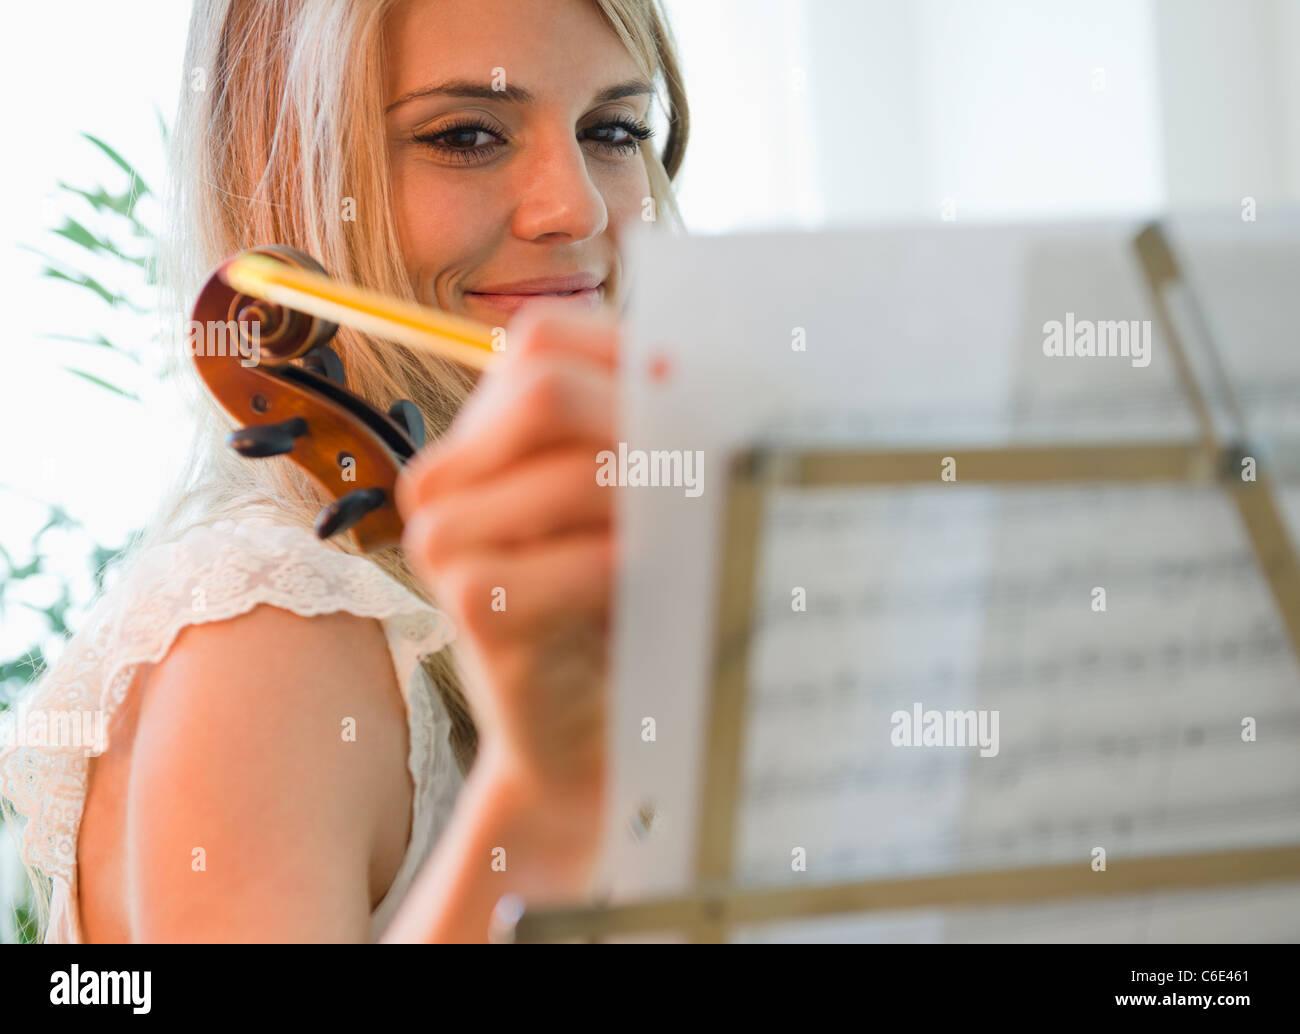 Los Estados Unidos, Nueva Jersey, Jersey City, Mujer componiendo música Imagen De Stock